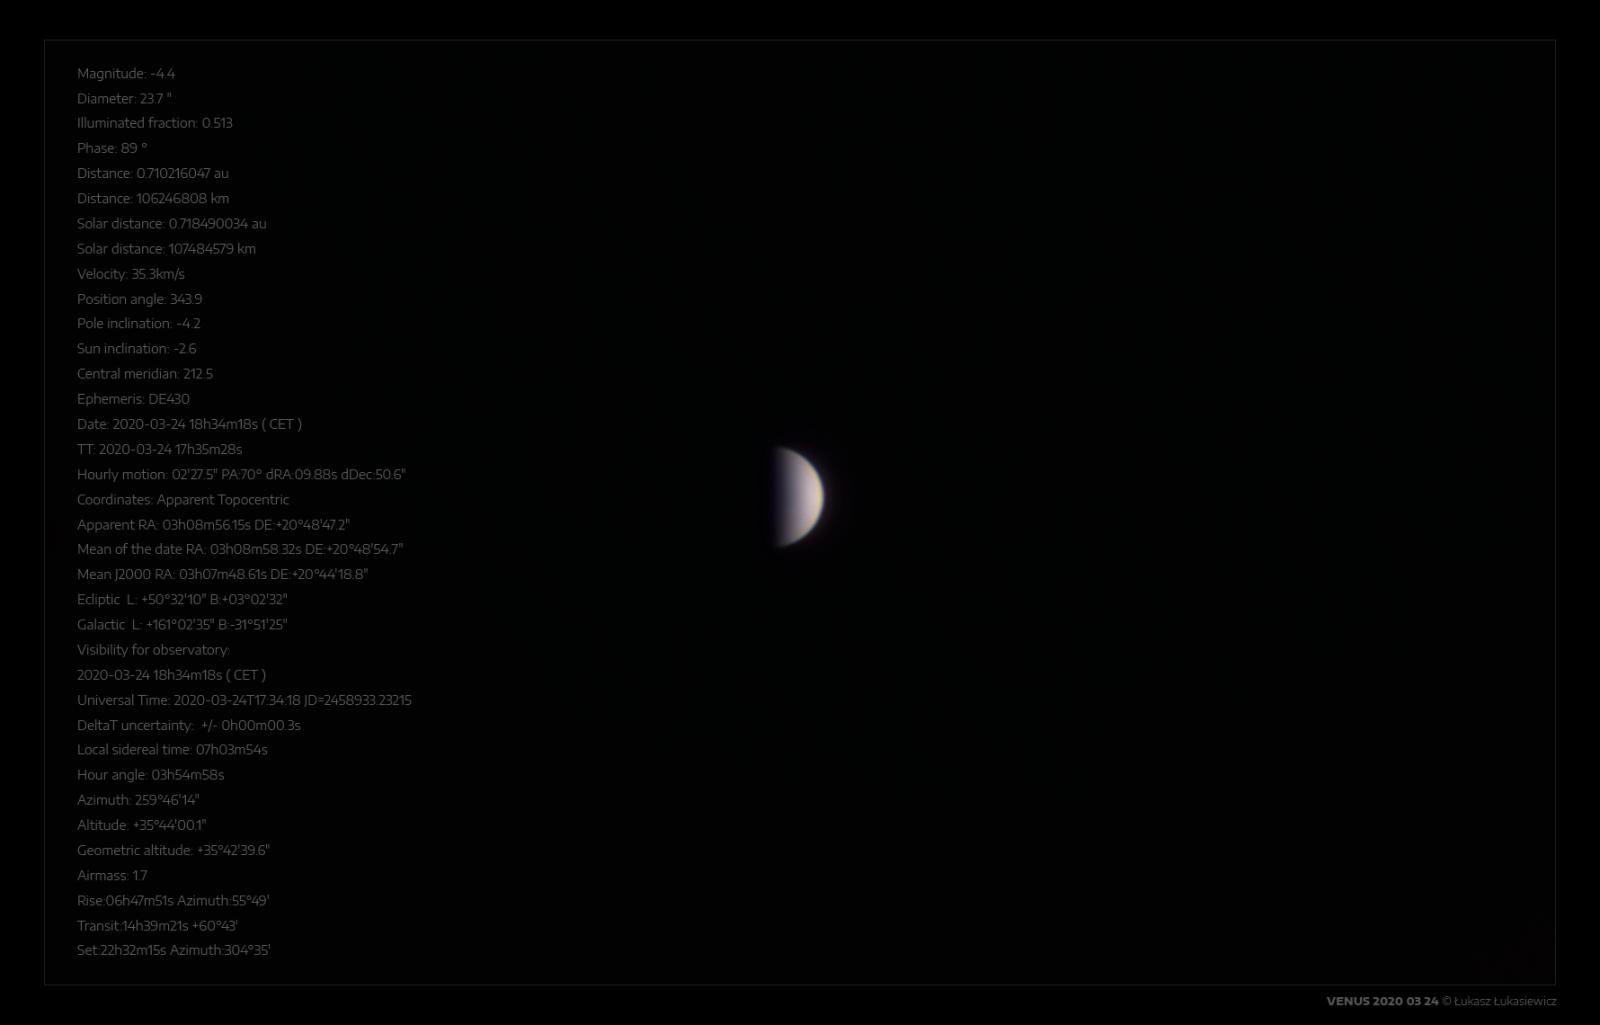 VENUS-2020-03-24d.png